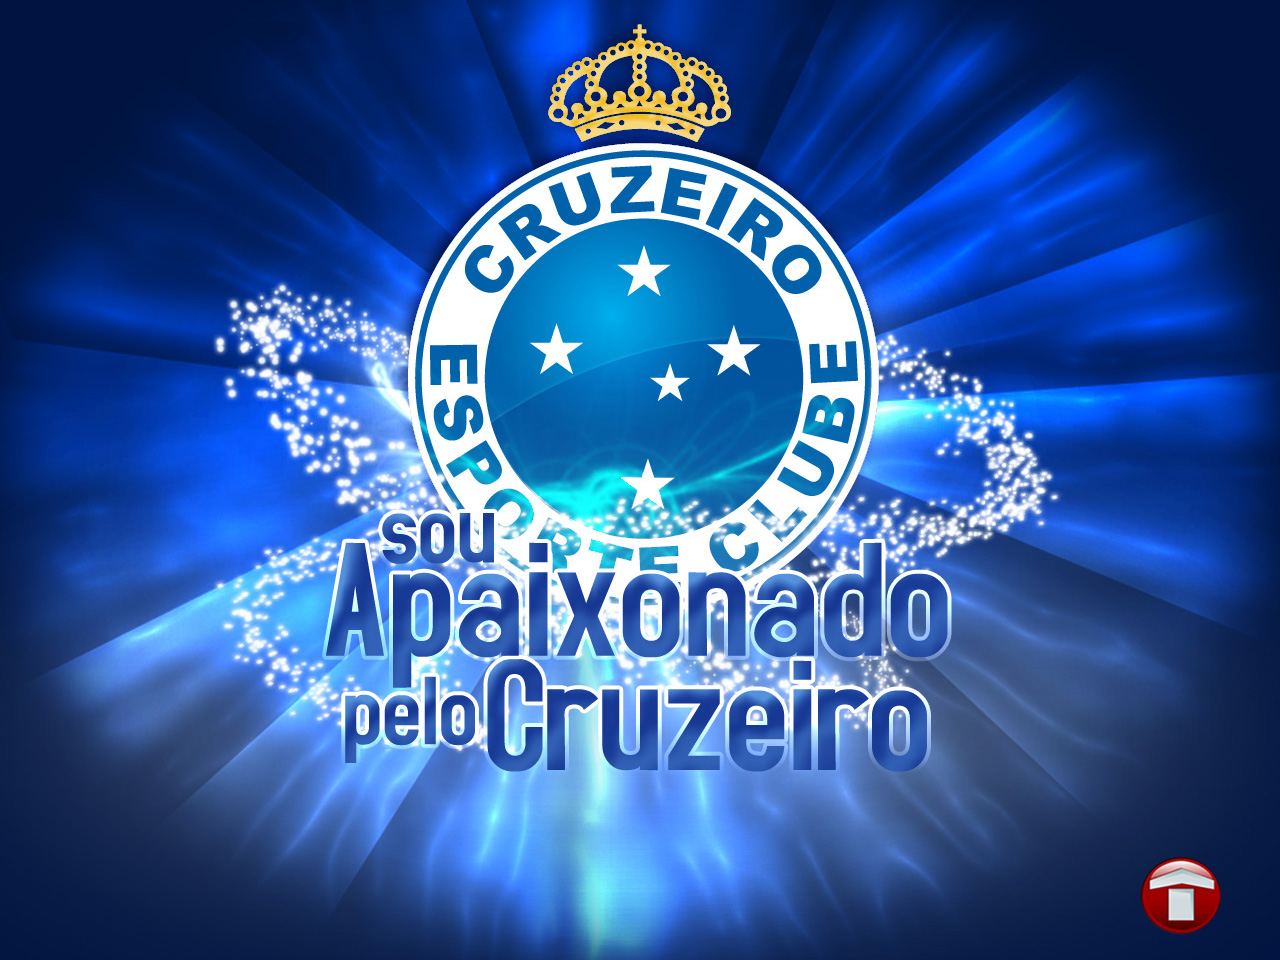 Cruzeiro Wallpaper Computador21